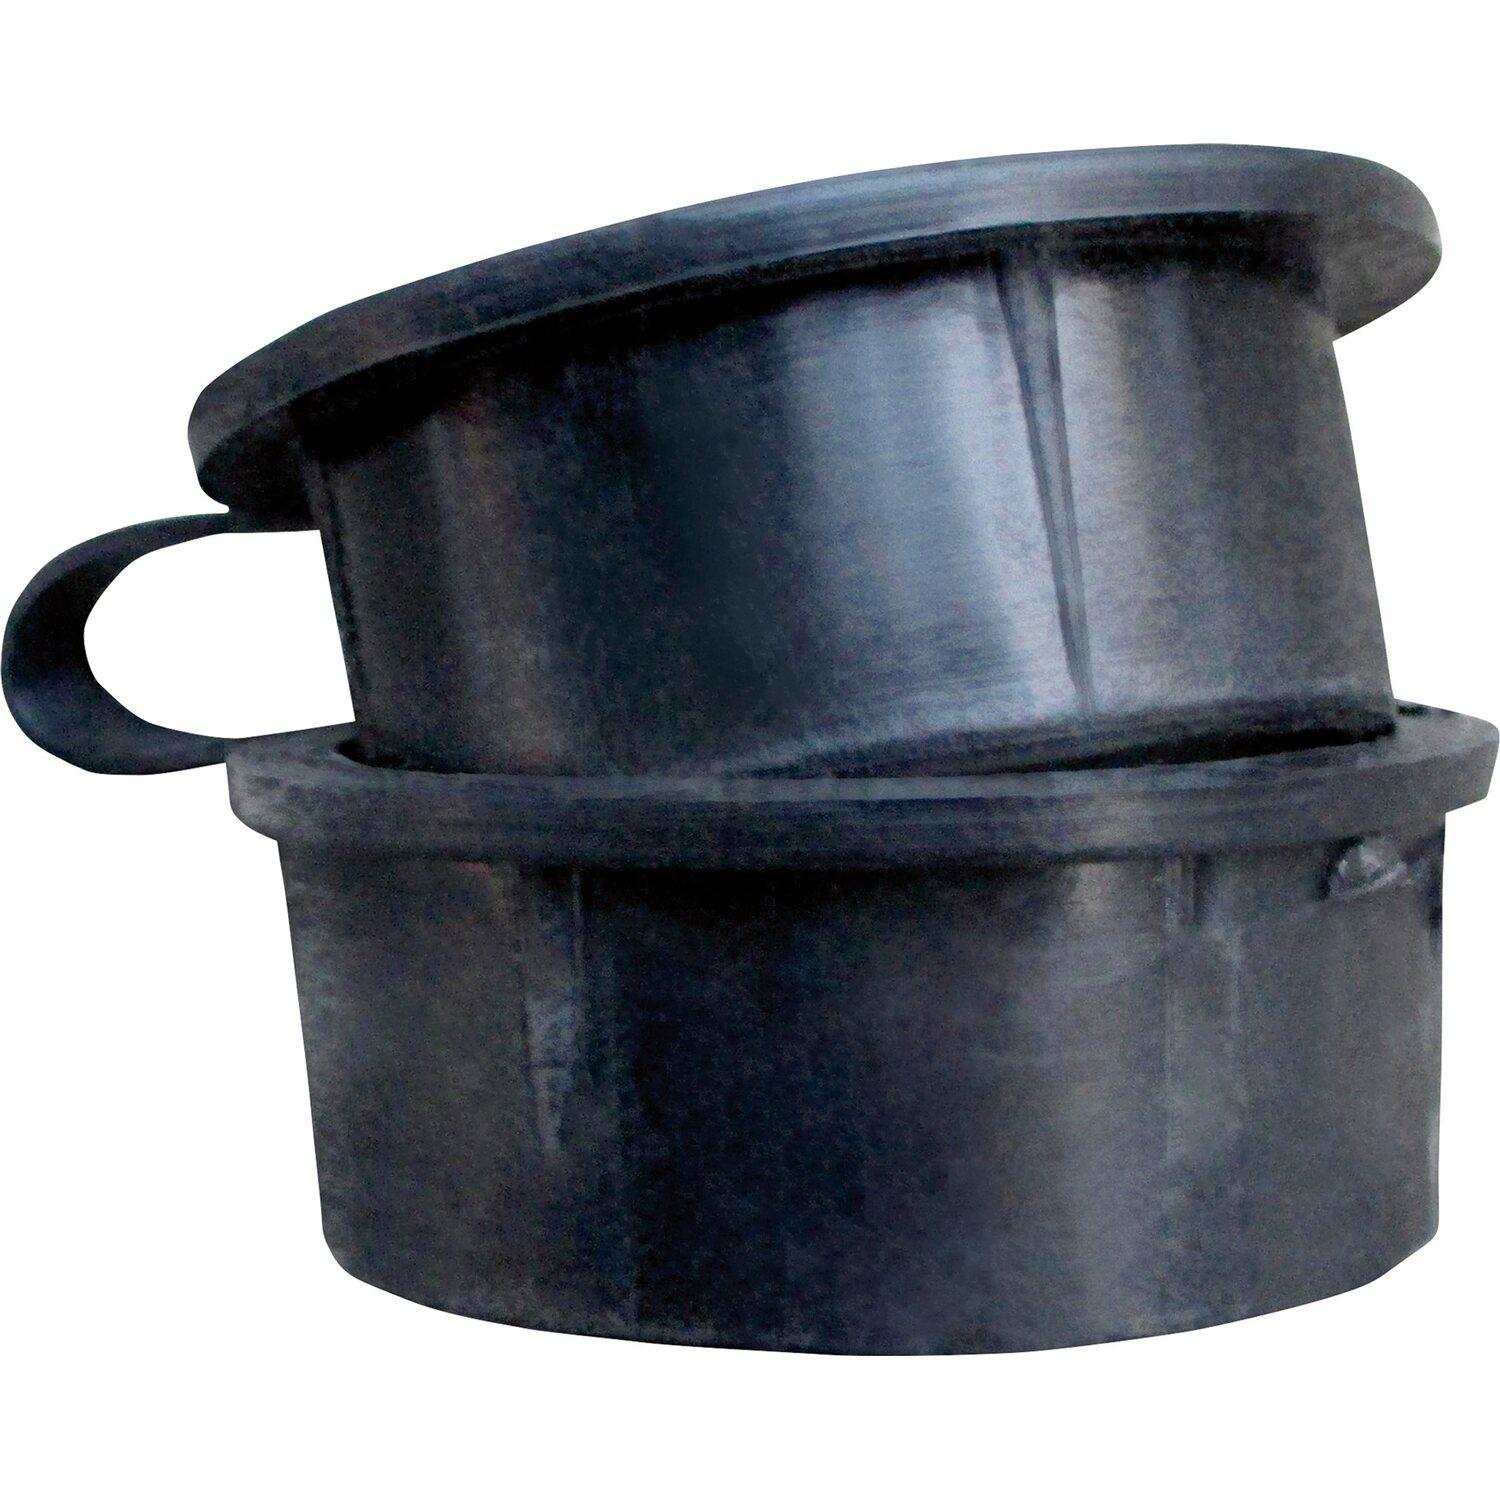 Reduzierring für Balkon-Schirmständer Granada 20 kg Grau | Garten > Sonnenschirme und Markisen > Sonnenschirmständer | Grau